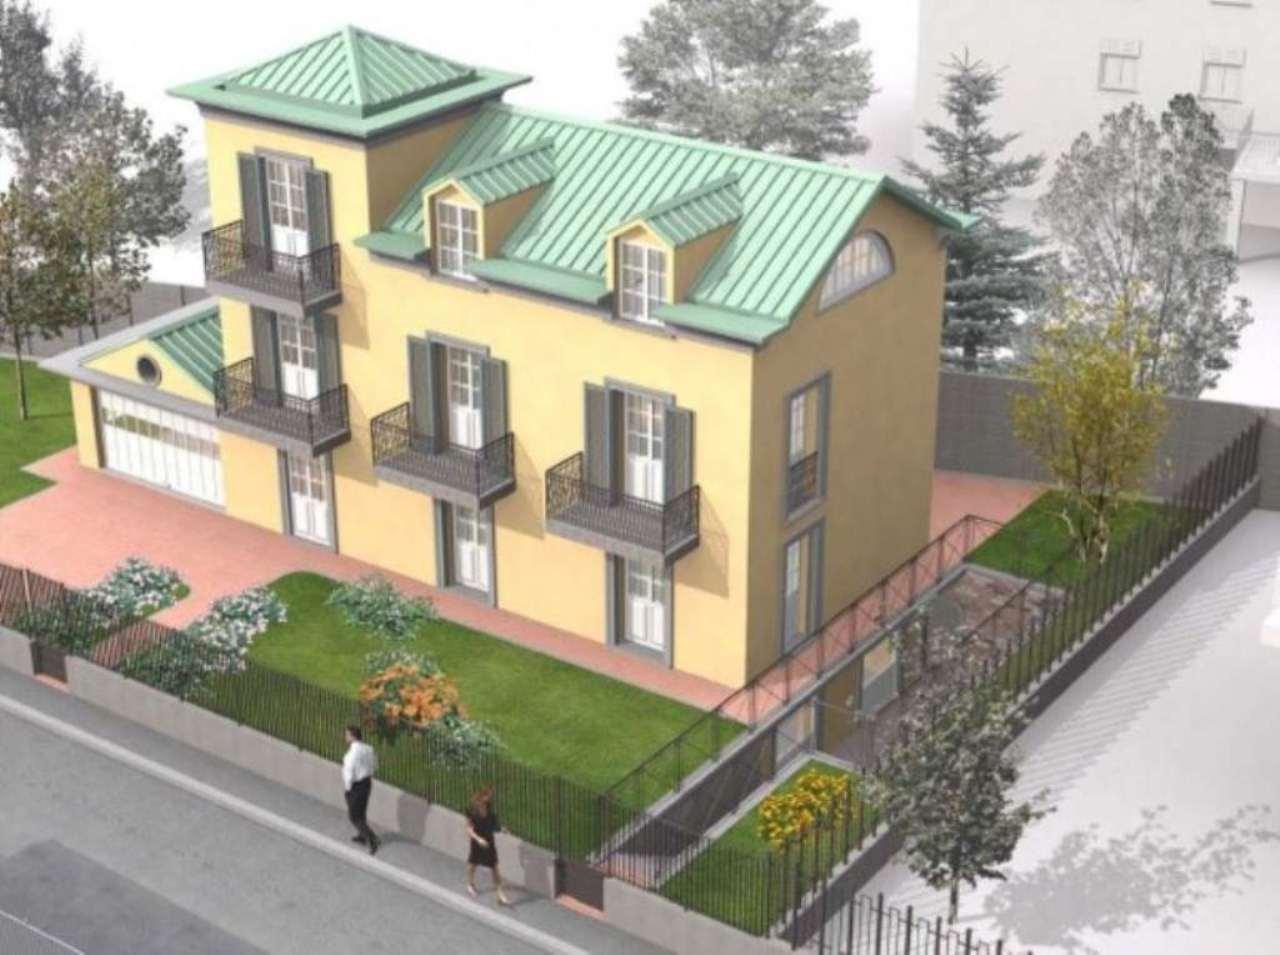 Terreno Edificabile Residenziale in vendita a Treviglio, 9999 locali, Trattative riservate | Cambio Casa.it